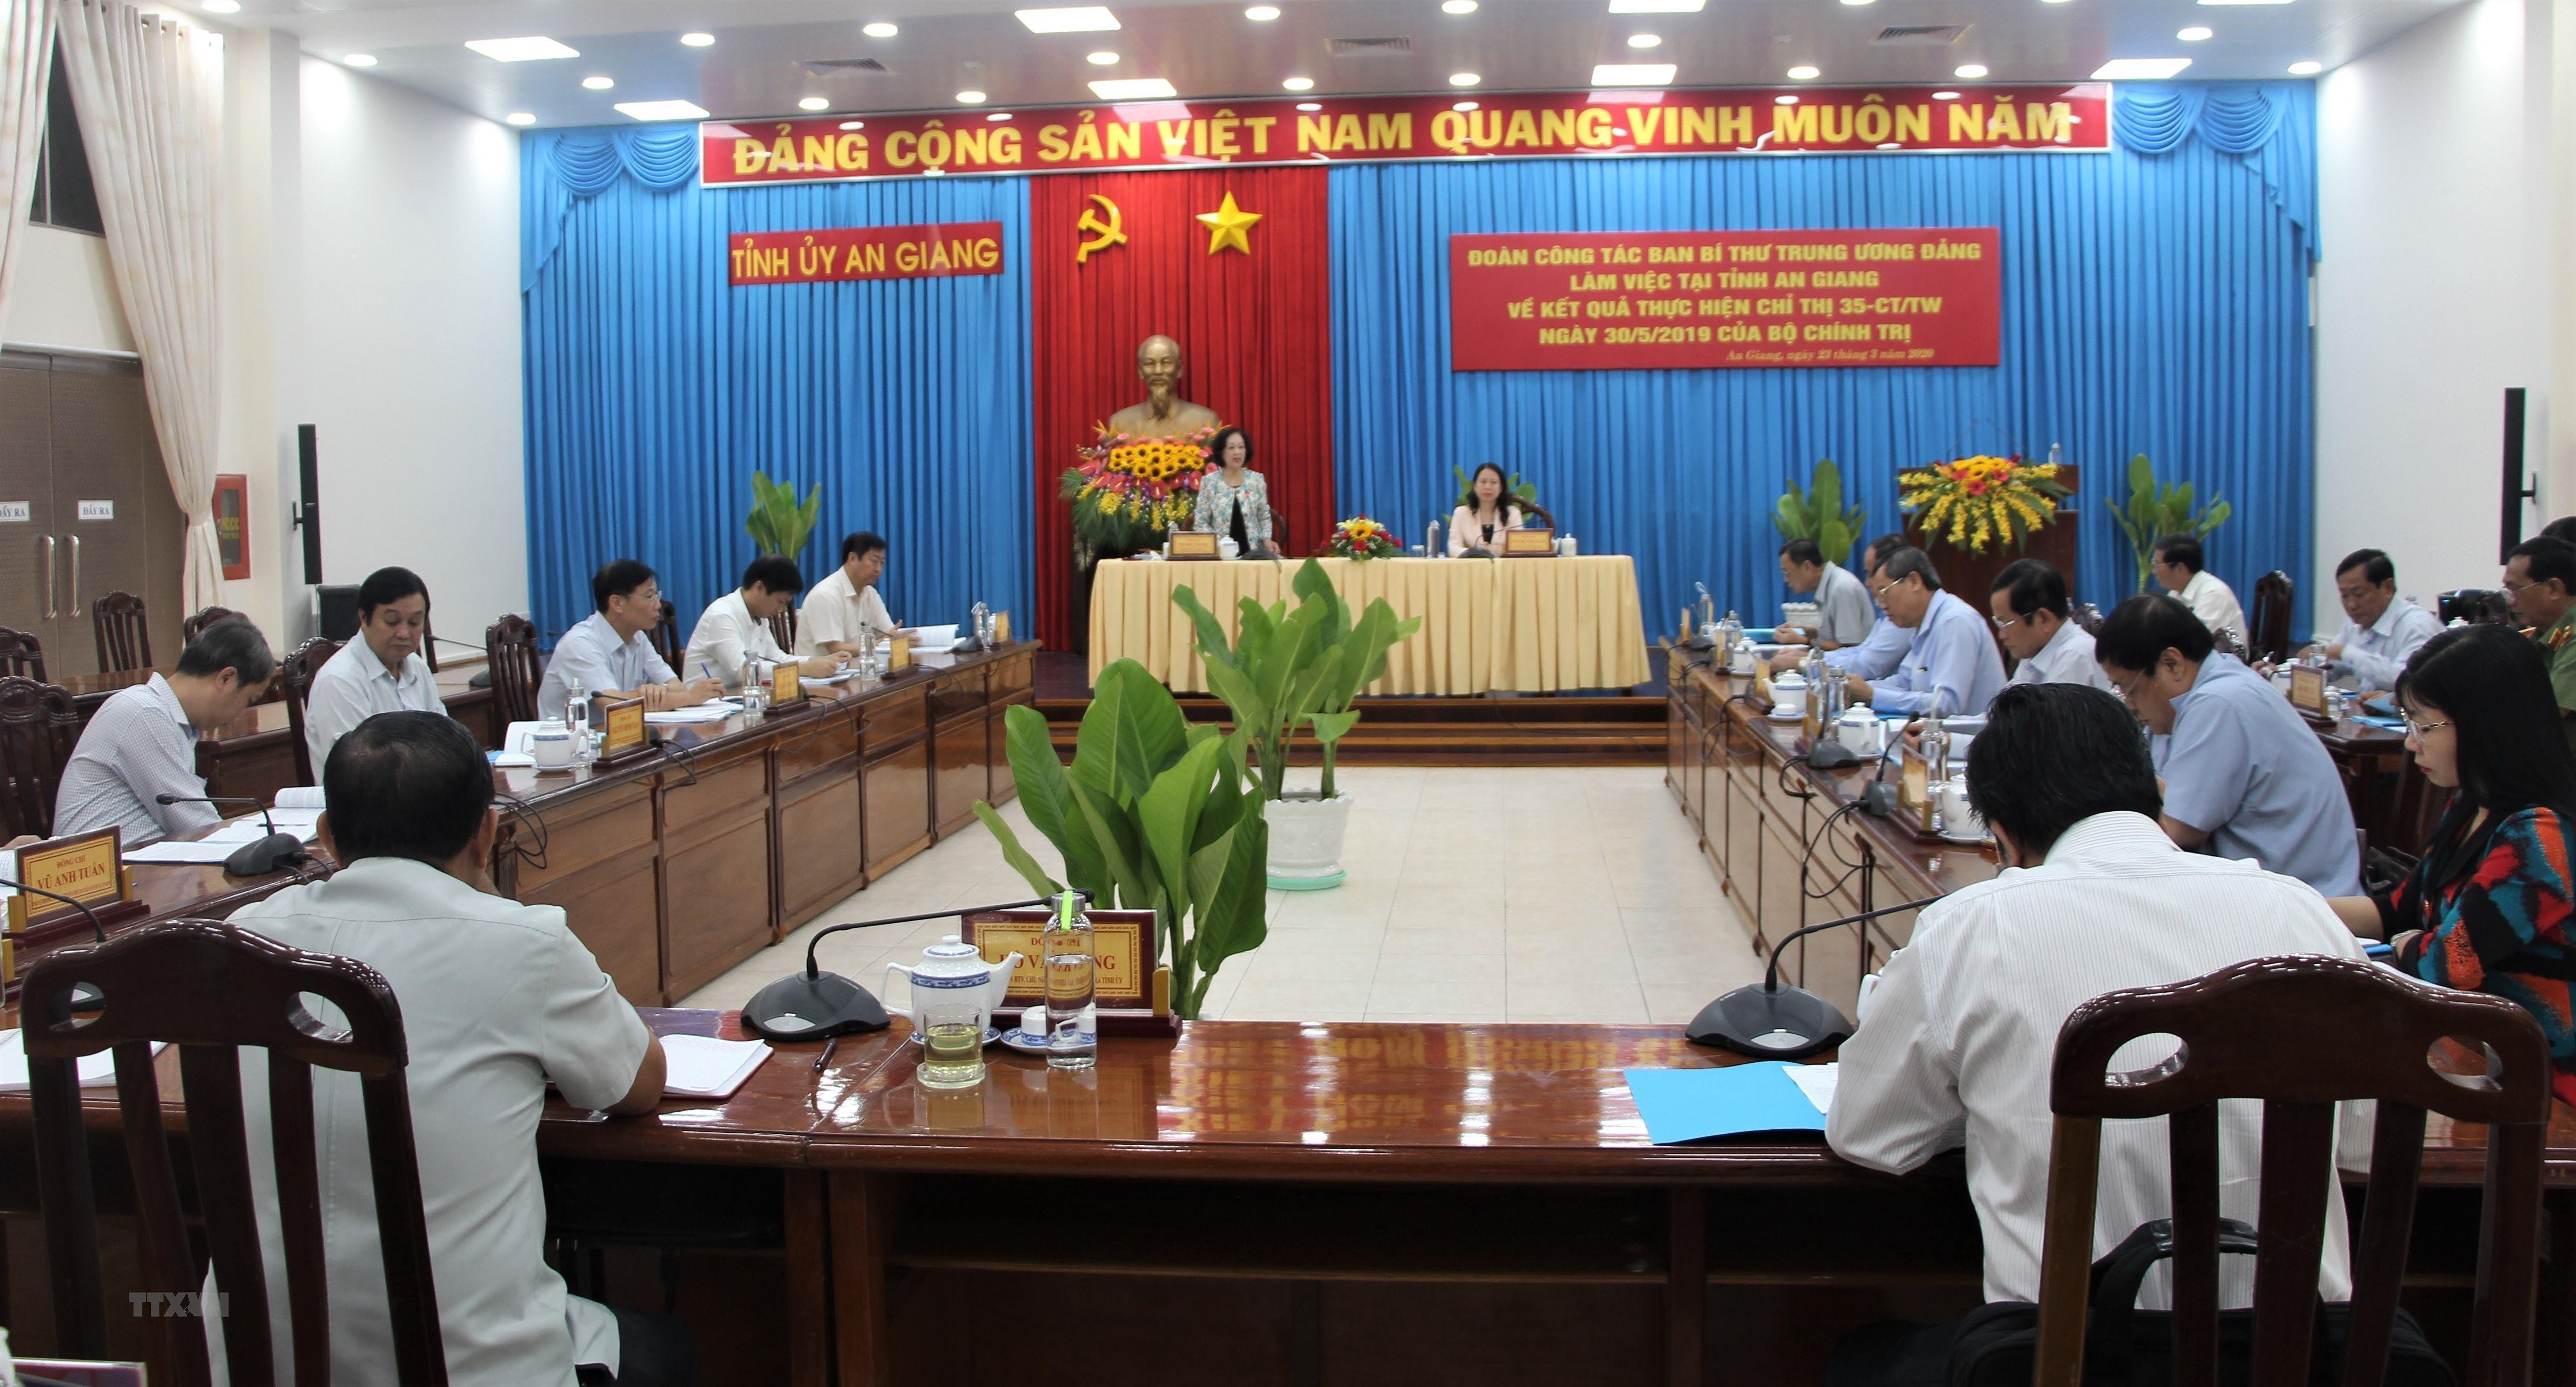 Doan cong tac Ban Bi thu Trung uong Dang lam viec tai An Giang hinh anh 1